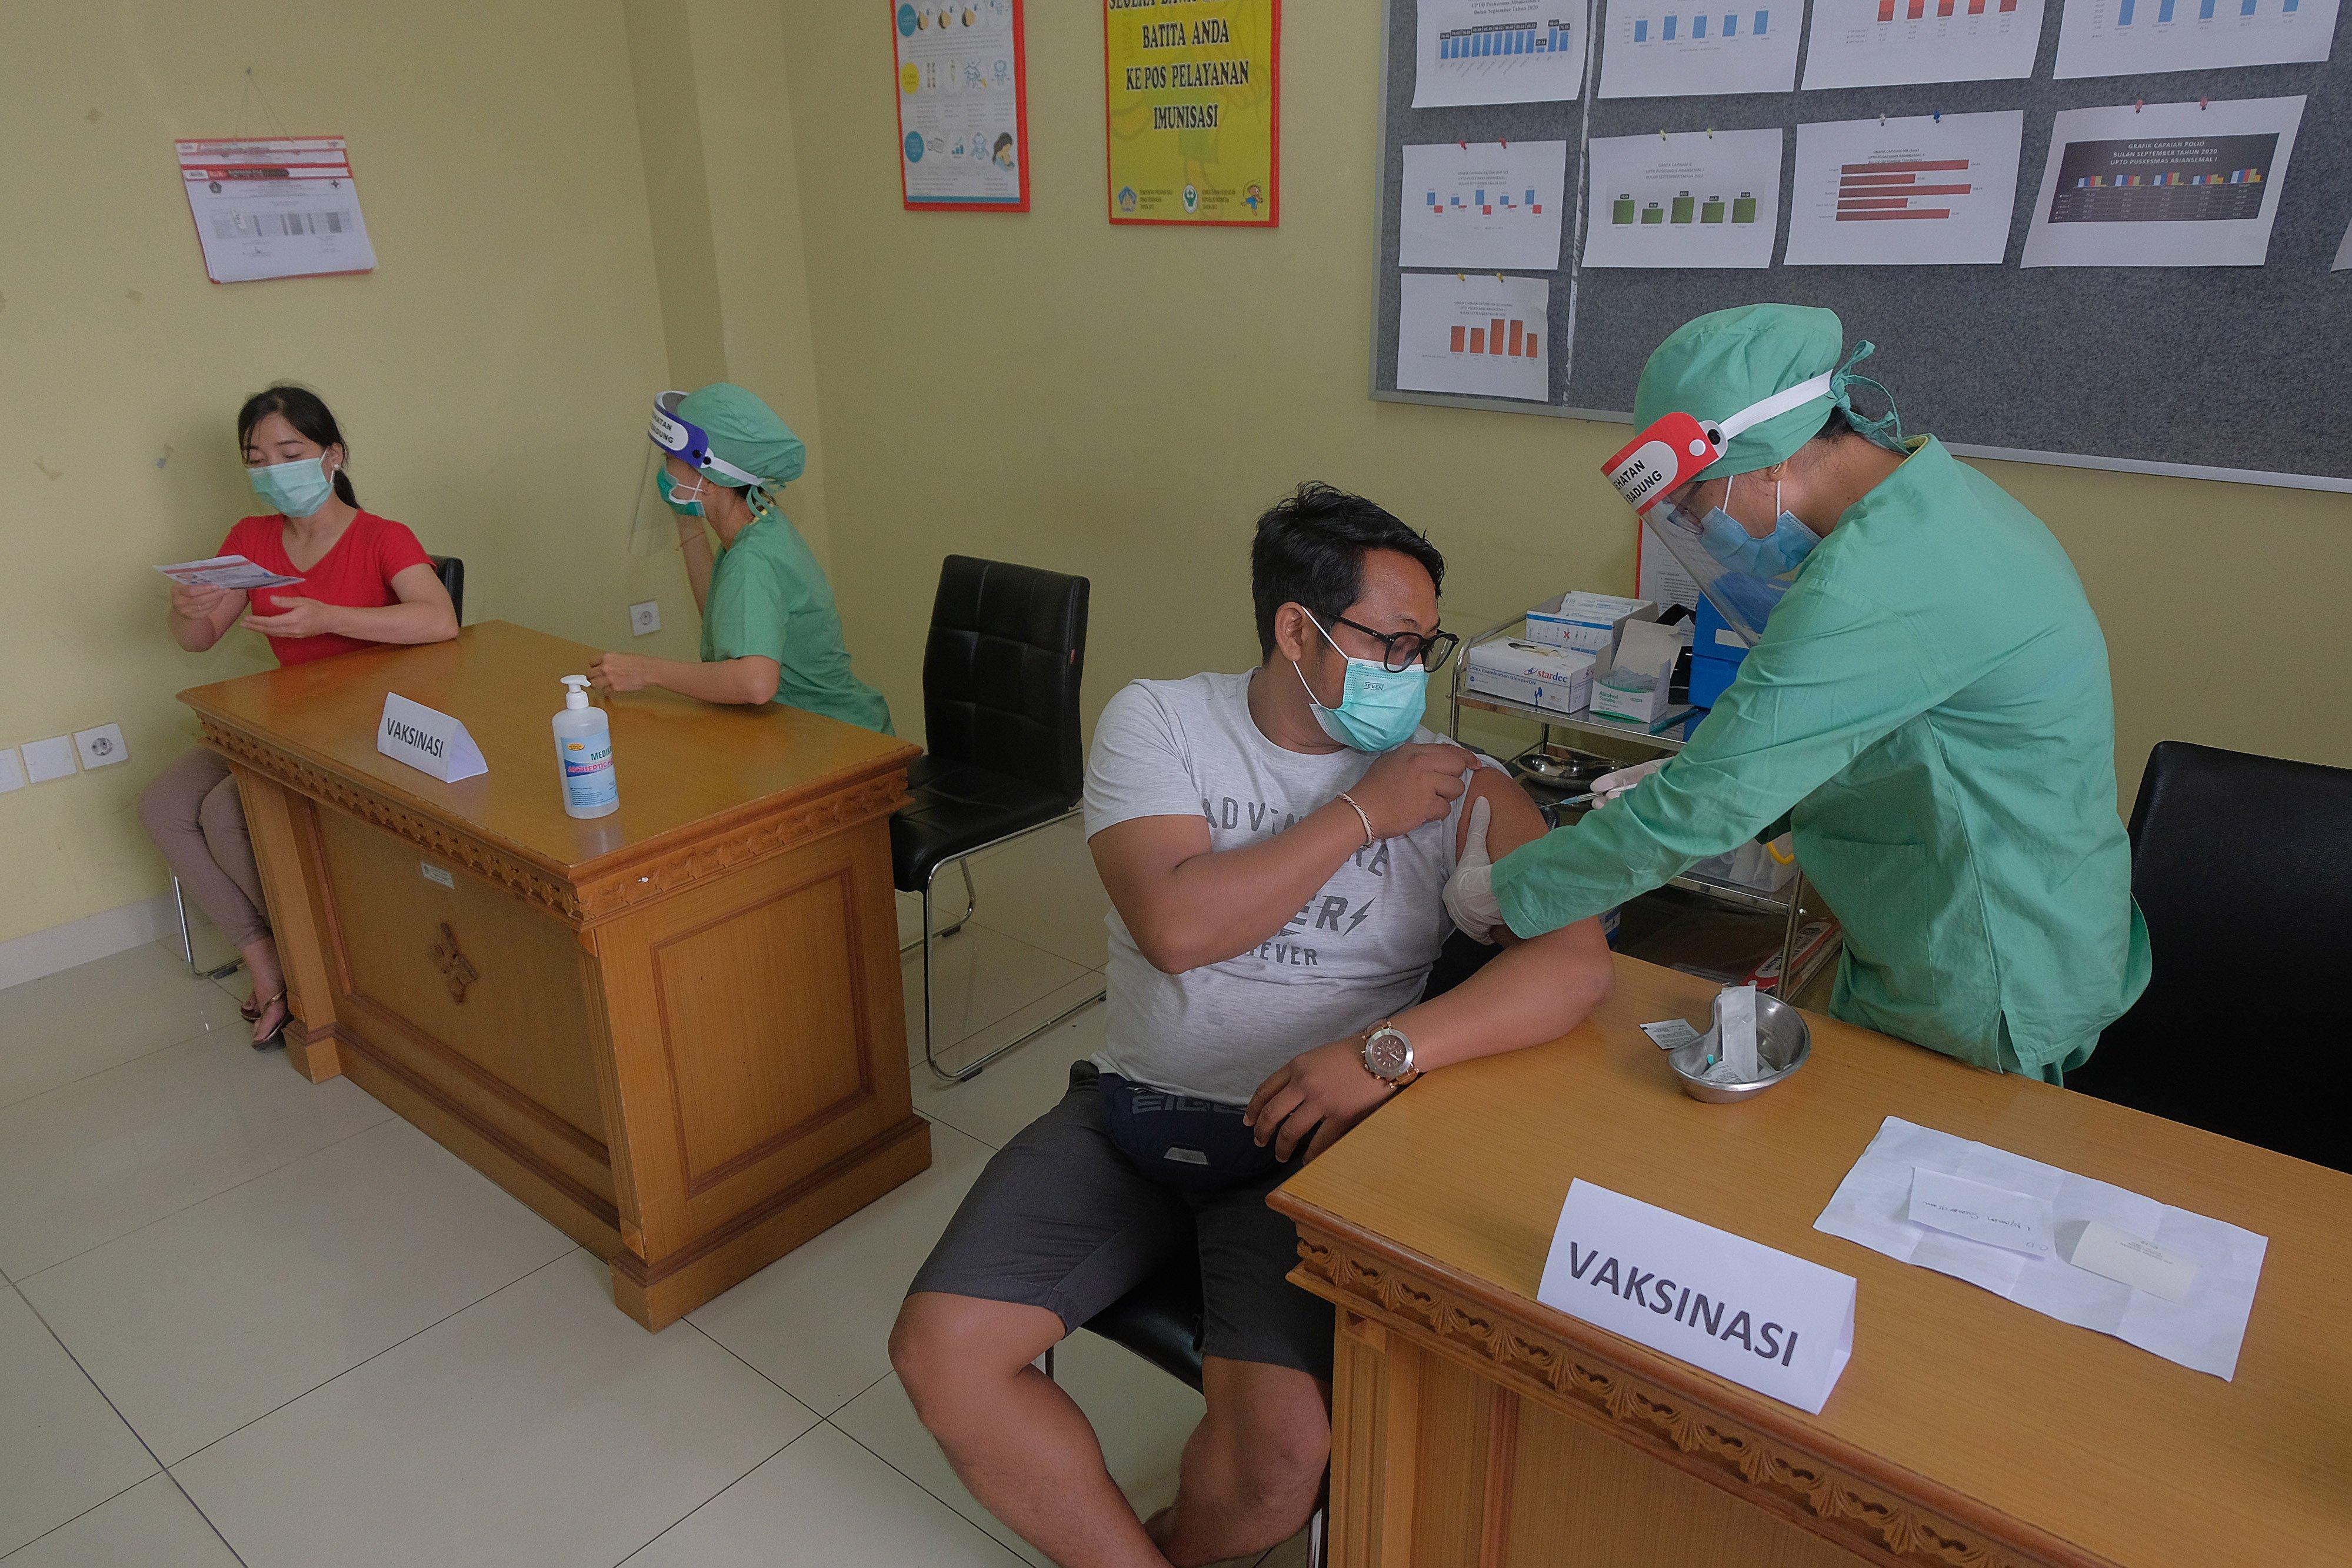 Tim medis menyuntikkan vaksin kepada sejumlah warga dalam simulasi uji coba vaksinasi COVID-19 di Puskesmas Abiansemal I, Badung, Bali, Selasa (6/10/2020). Simulasi uji coba vaksinasi COVID-19 yang diikuti puluhan warga tersebut untuk mengukur kesiapan dan kesigapan para tim medis di puskesmas itu yang rencananya dikunjungi Presiden Republik Indonesia Joko Widodo pada awal tahun depan.